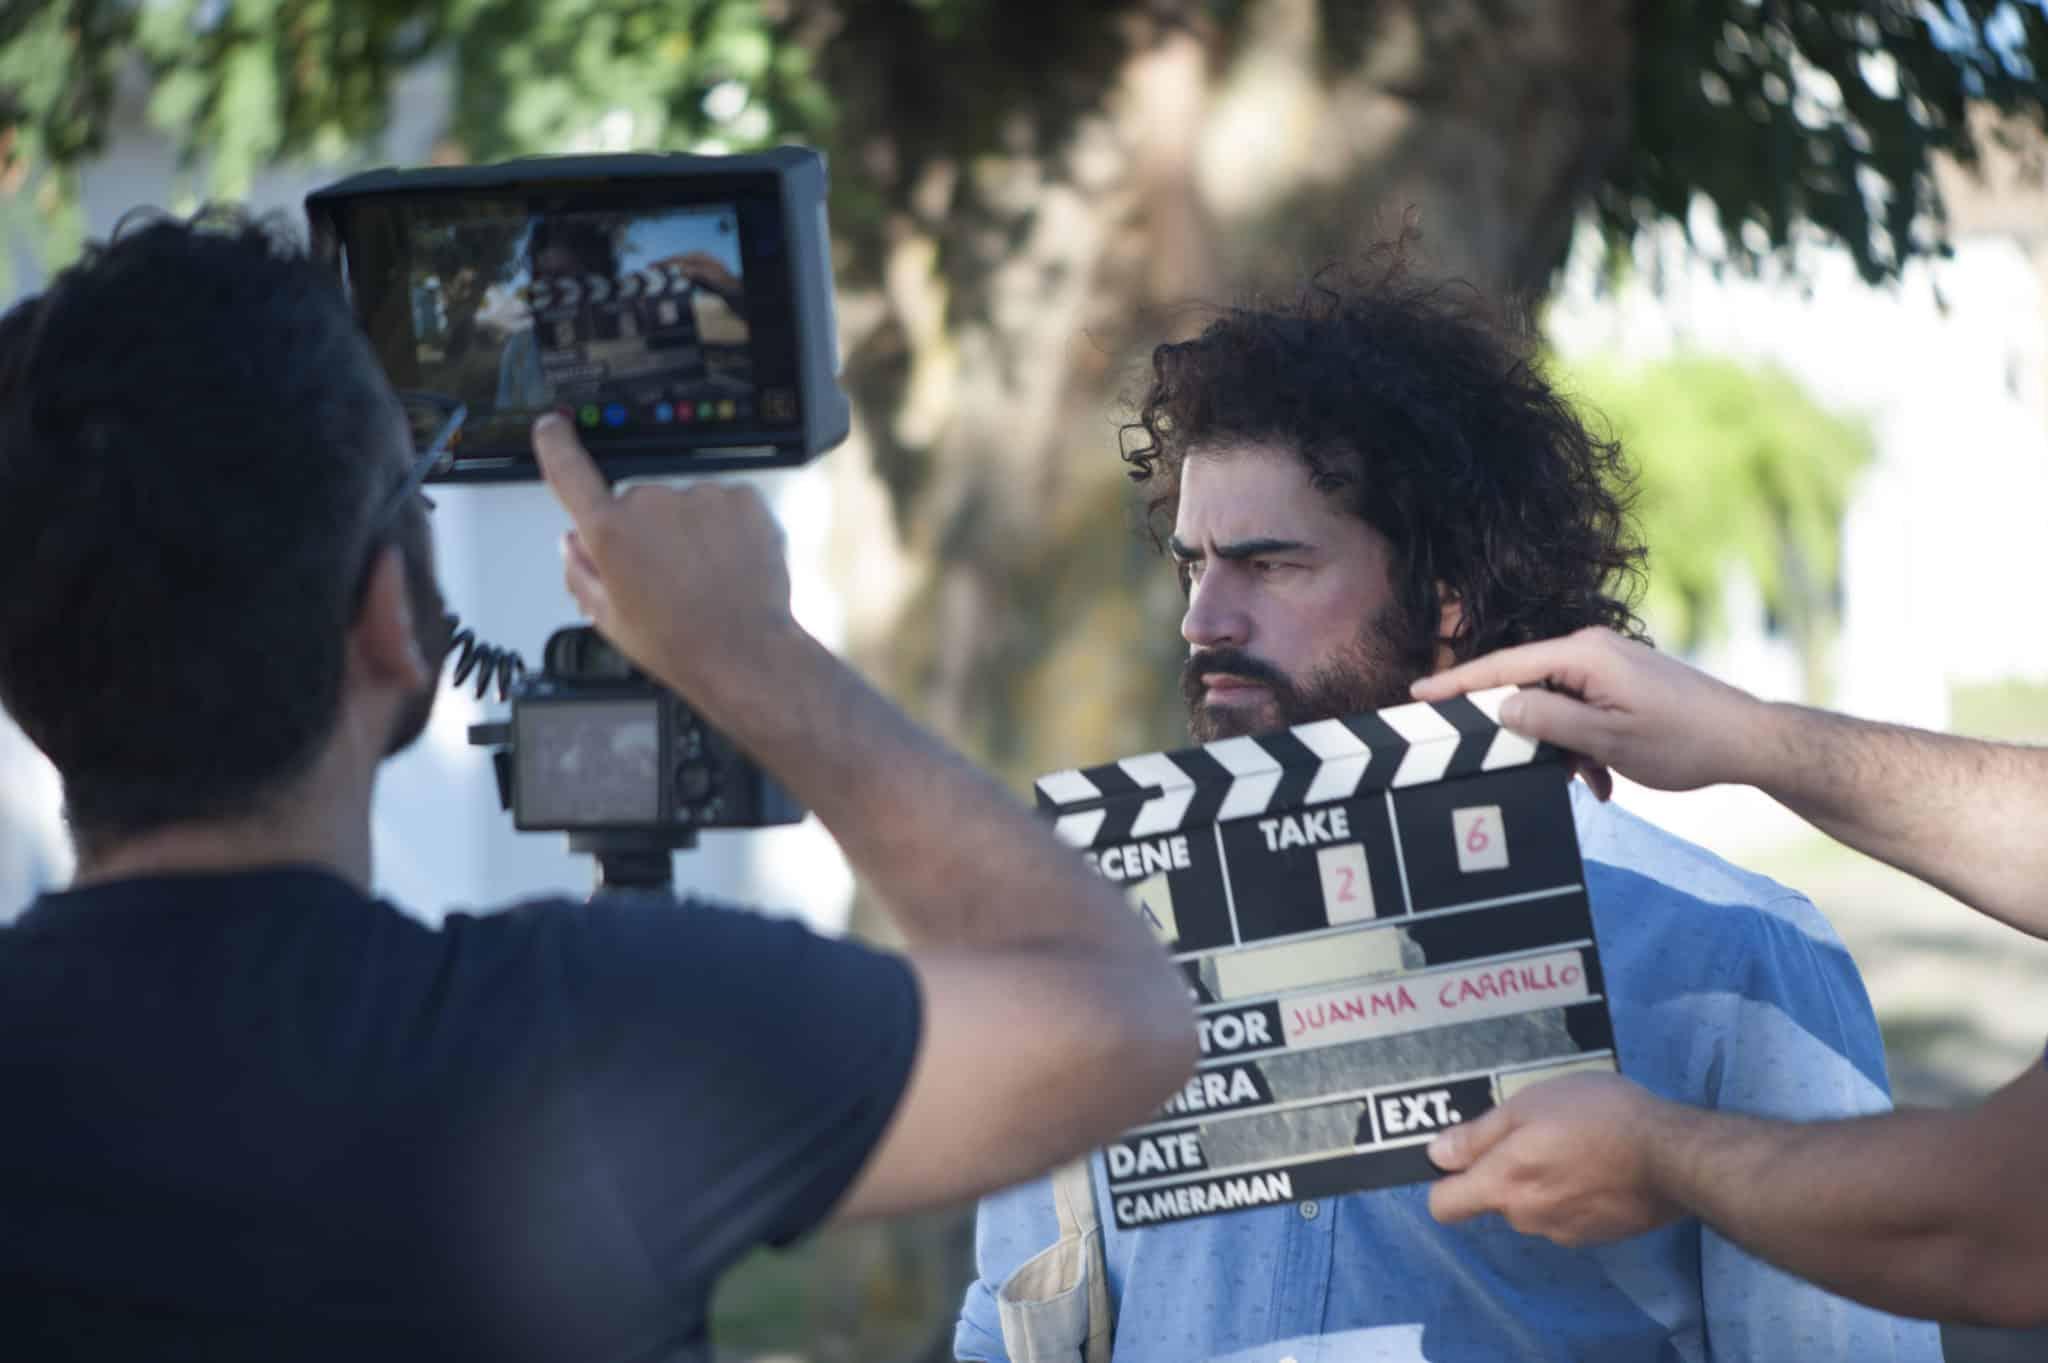 Anguciana, uno de los escenarios del corto que apadrina la categoría Set La Rioja de Notodofilmfest 2